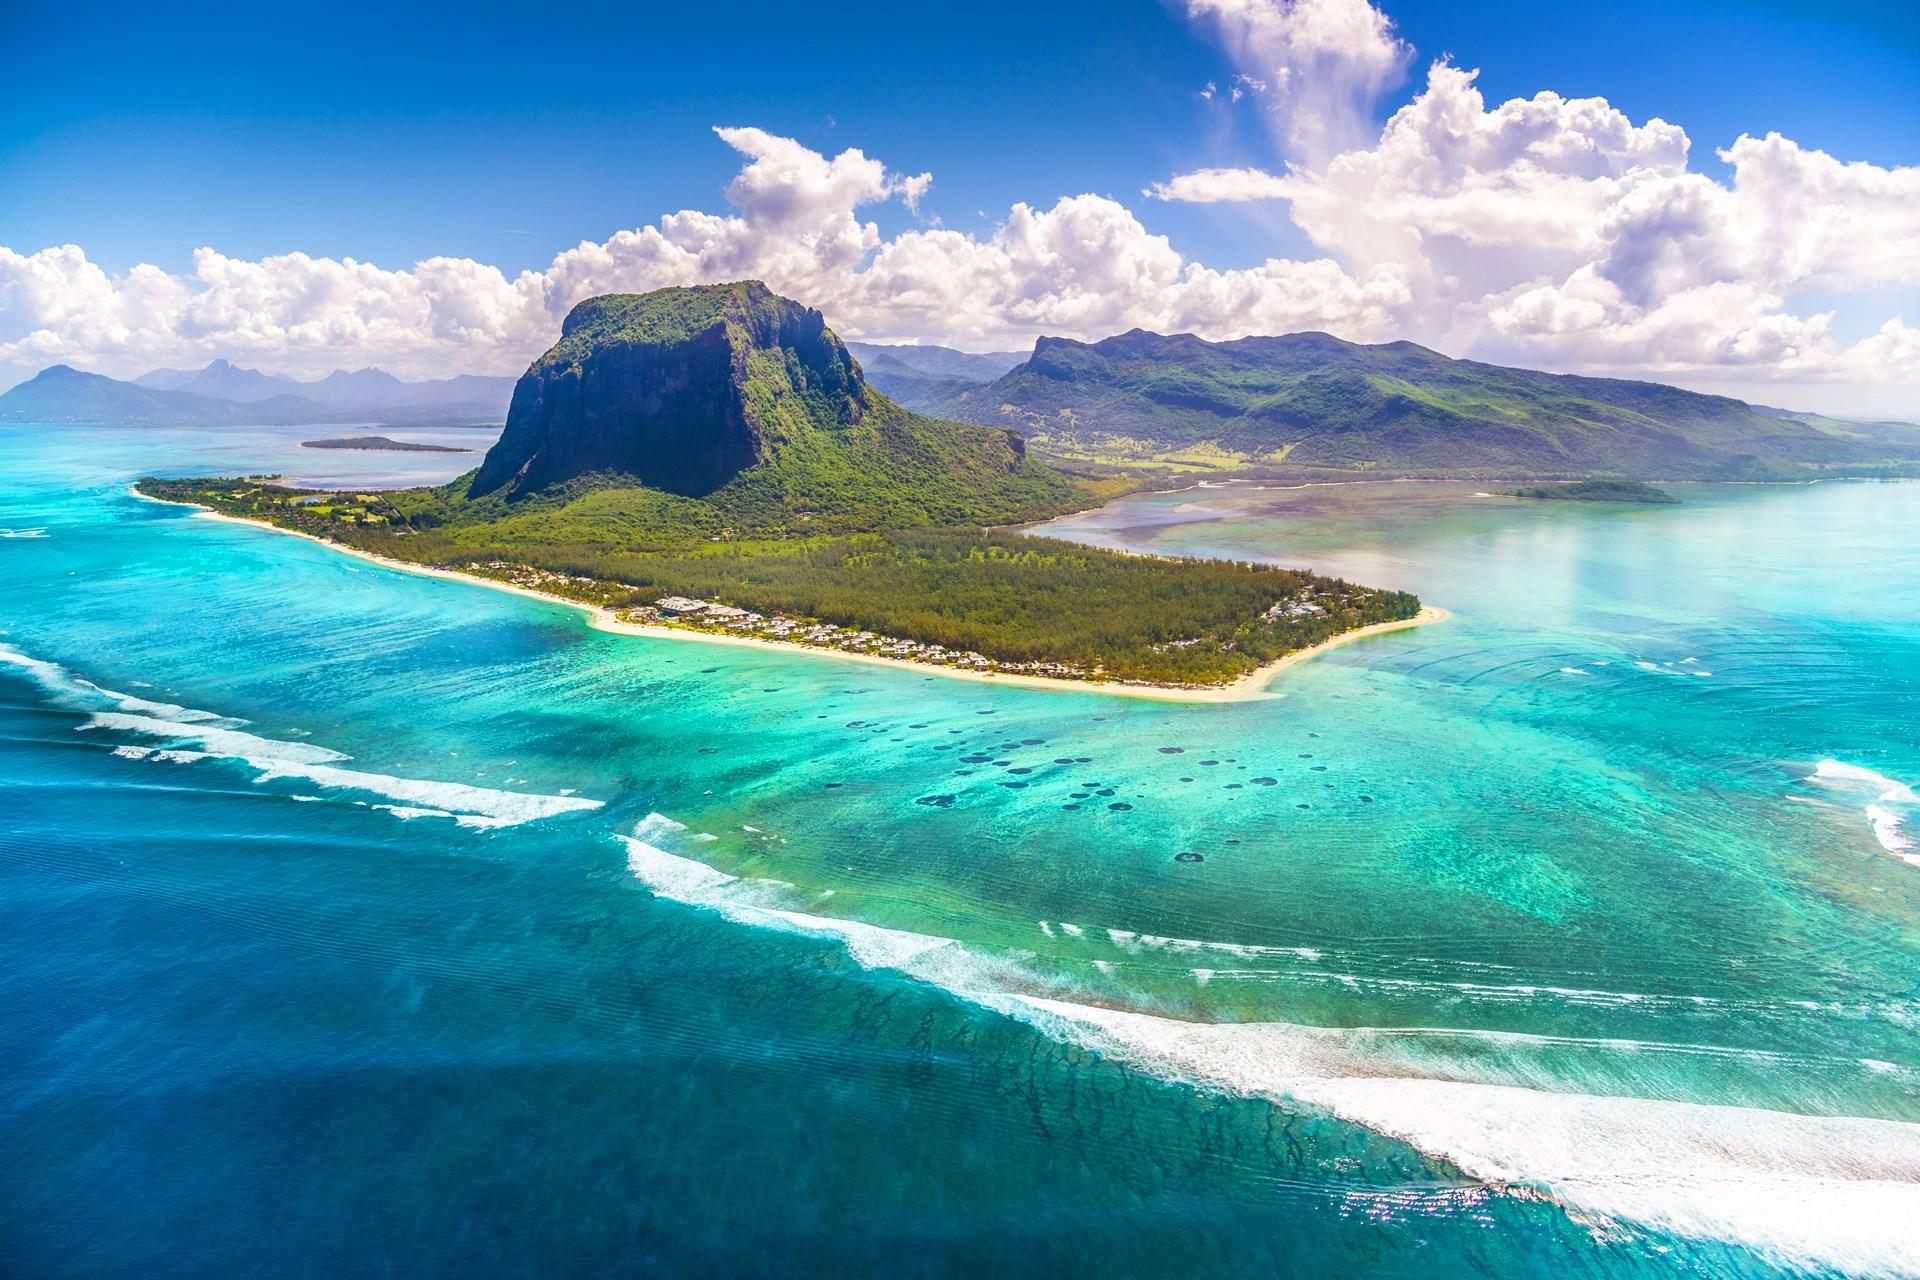 île Maurice vue de l'haut, paysage magnifique, paysage fantastique, la nature magnifique du monde, la terre est un paradis